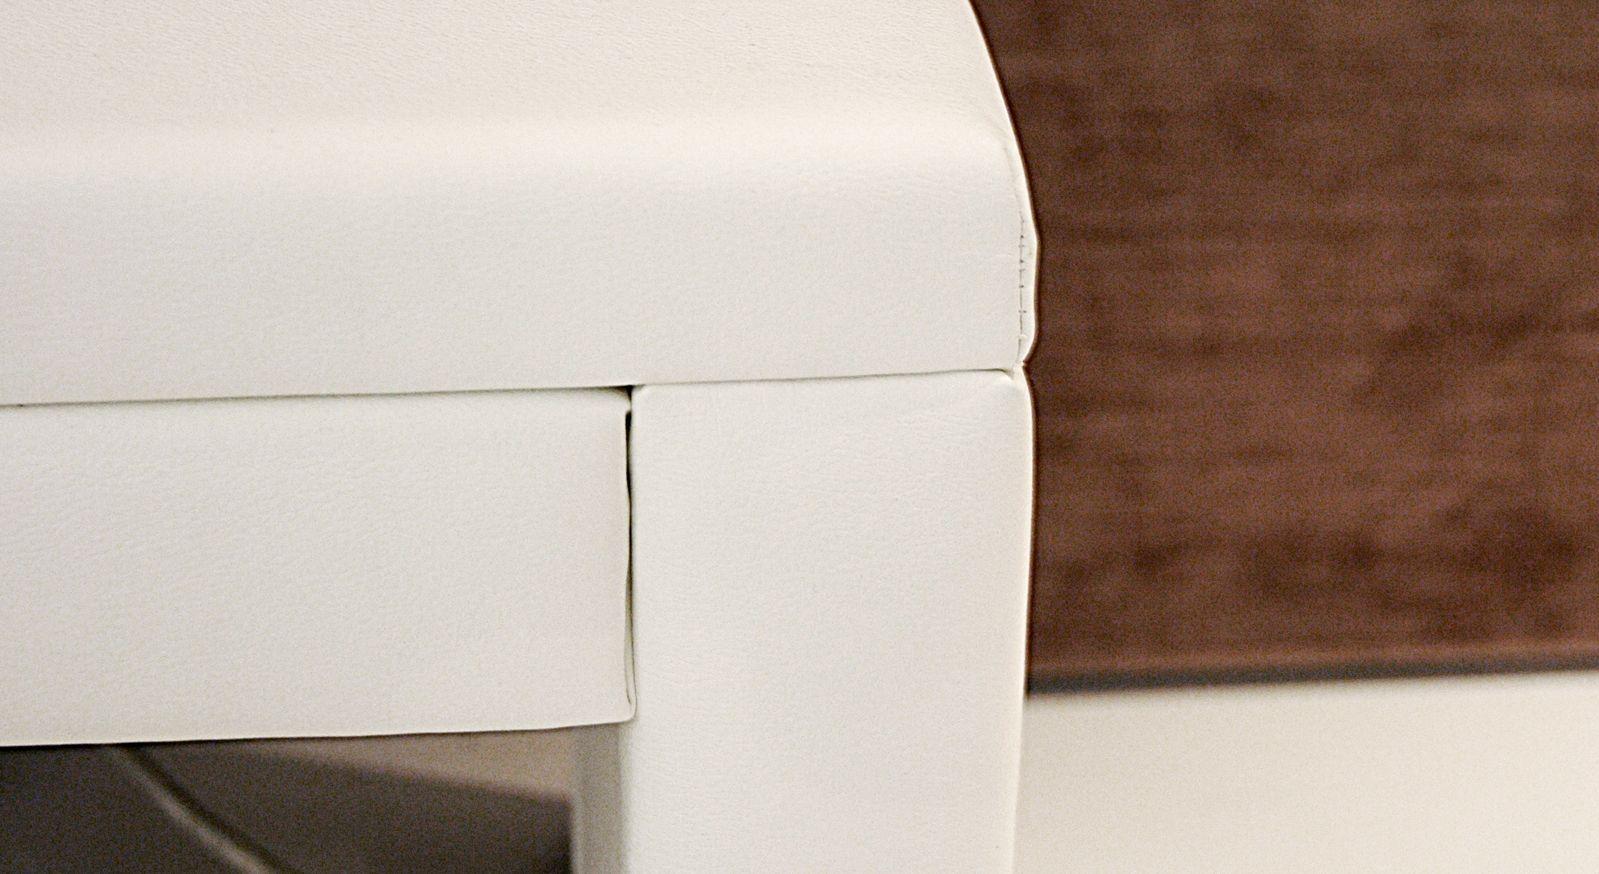 Nachttisch Shade sorgfältige Verarbeitung detailreich Eckverbindung weiß